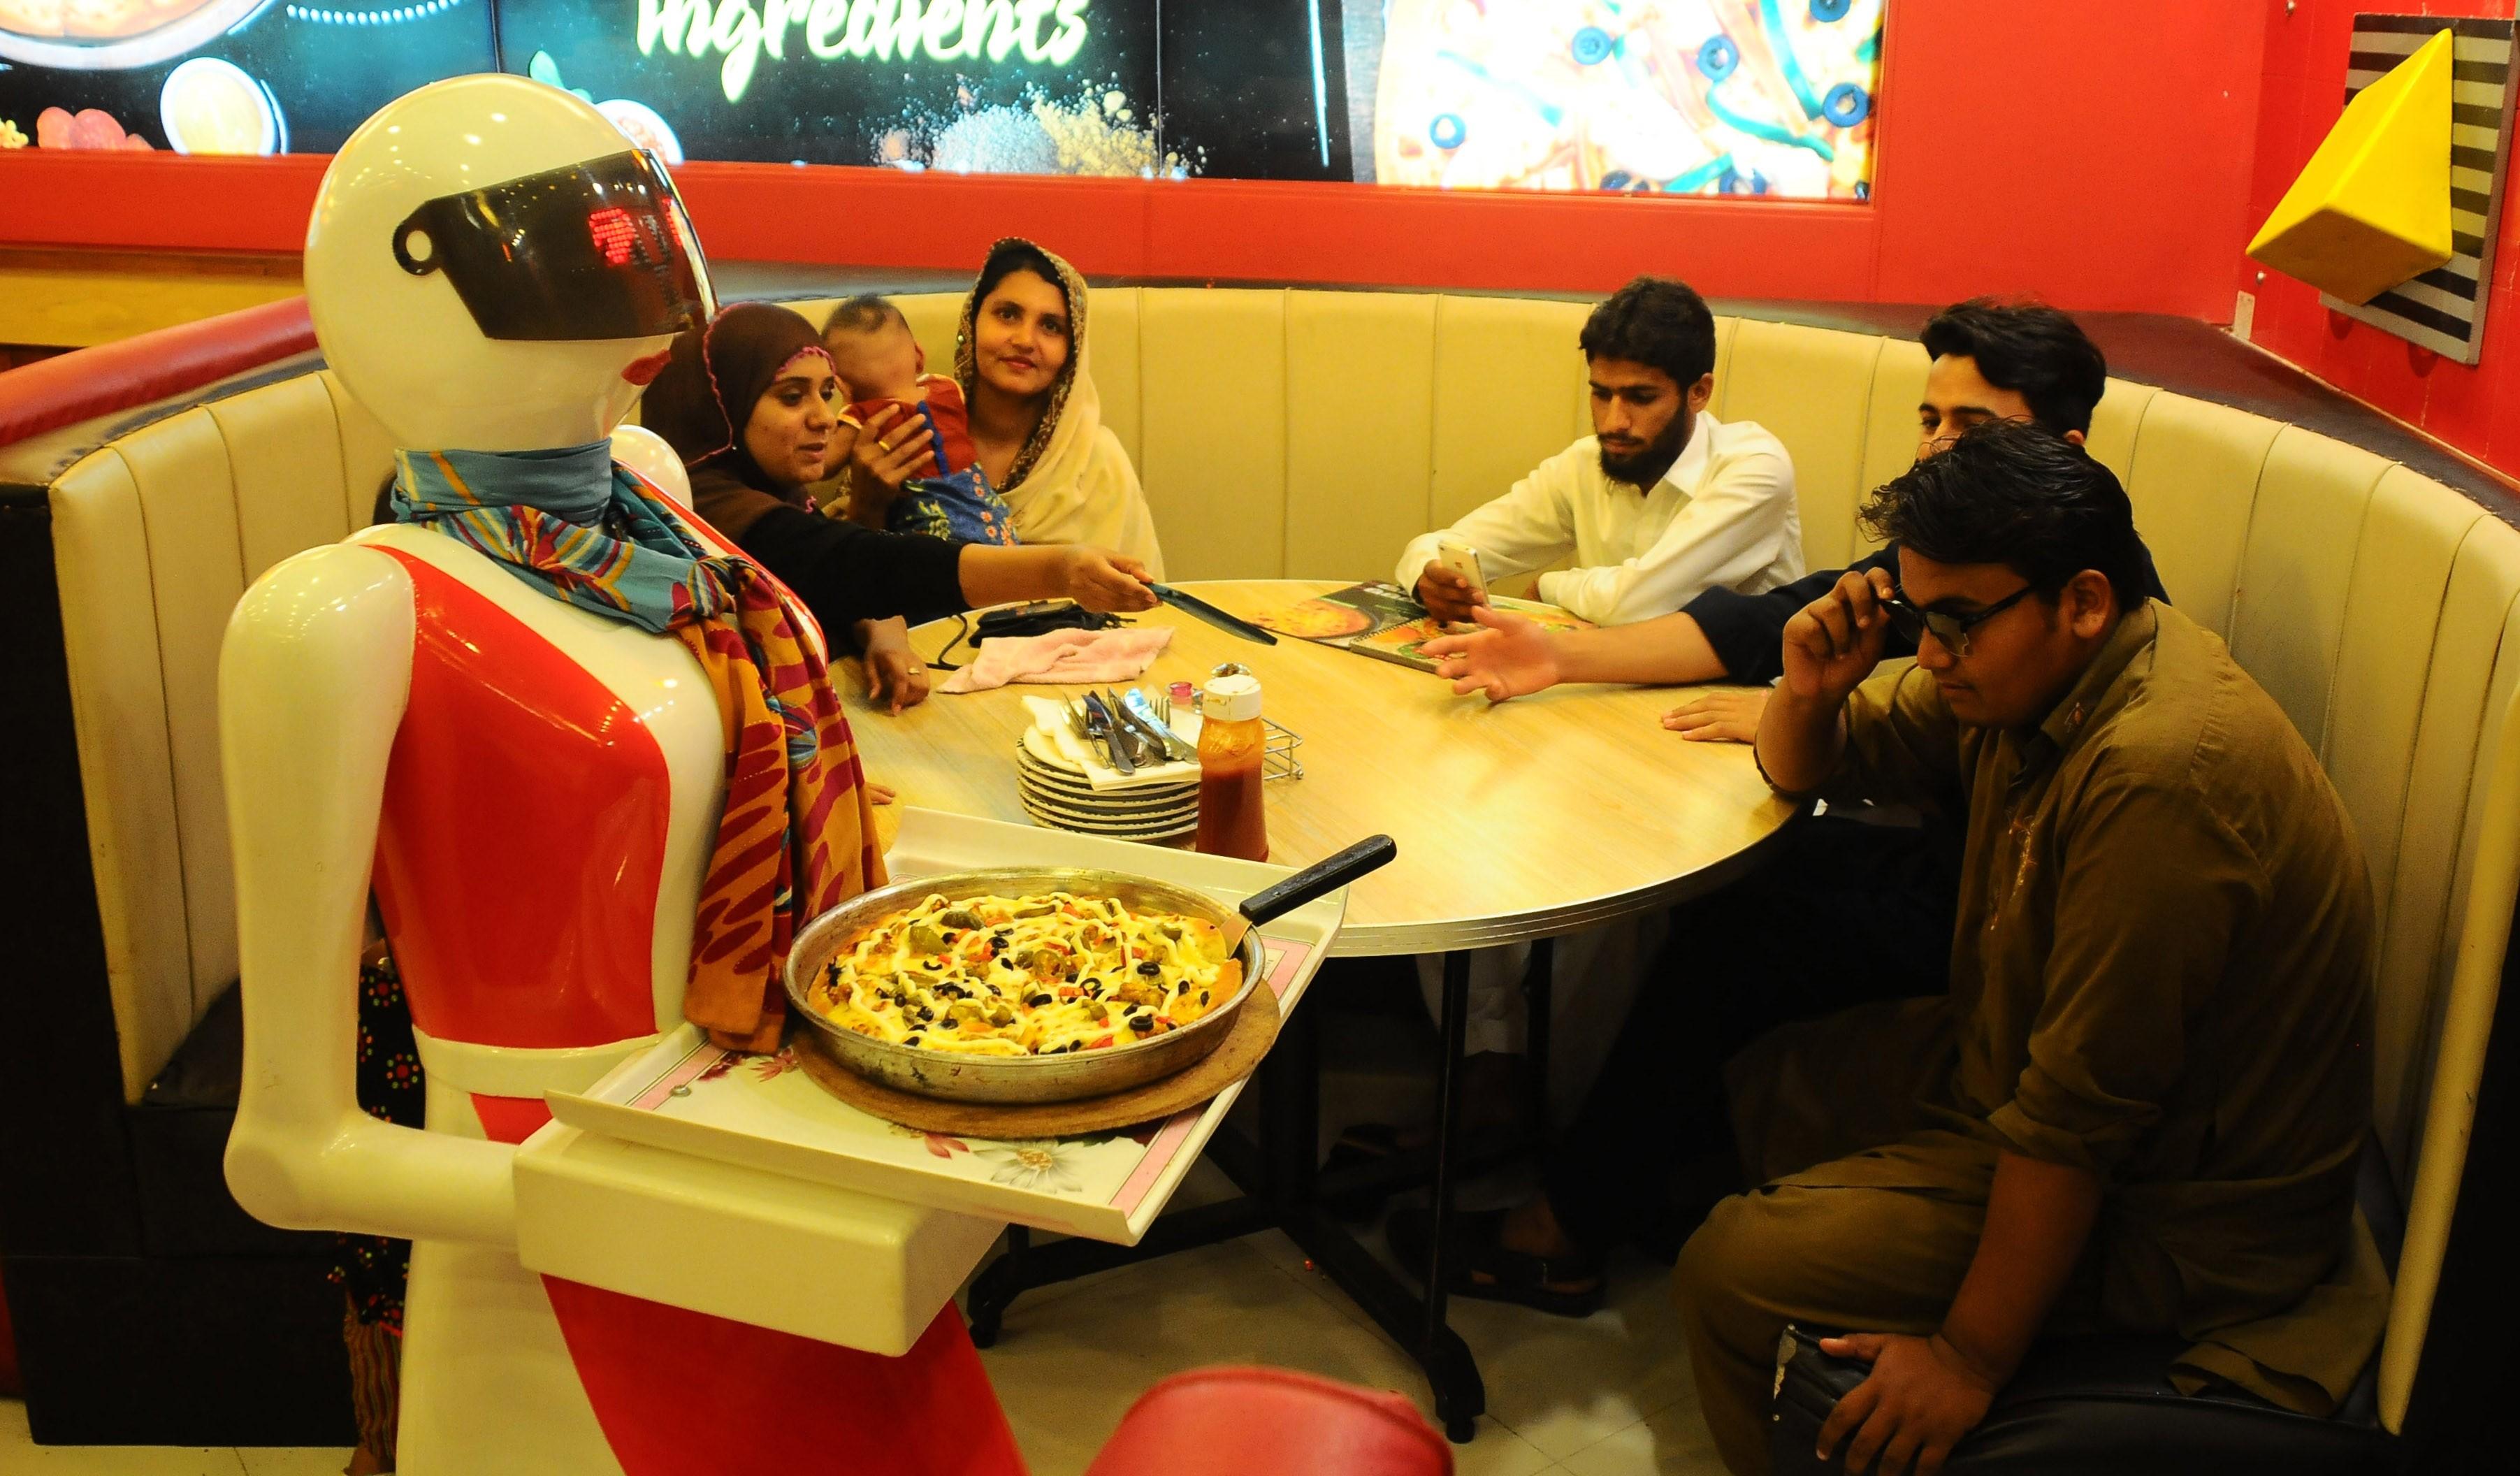 2017年7月8日,巴基斯坦木尔坦,在当地一家披萨店内,机器人充当服务员为客人服务。这些机器人都是由披萨店老板的儿子Osama Aziz所研发的,Osama Aziz是一名电气工程师。